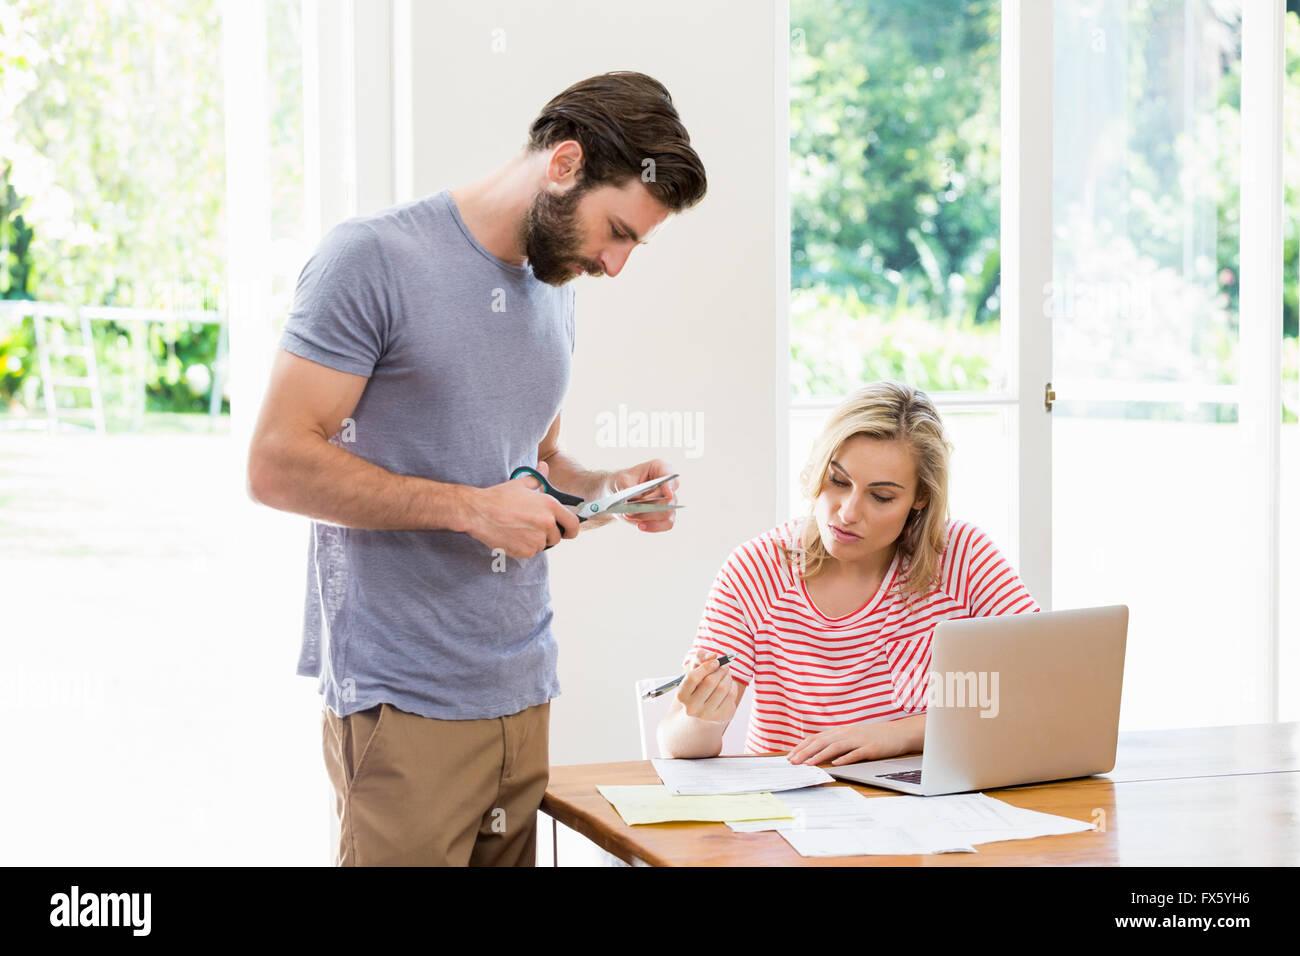 Hombre corte de una tarjeta de crédito mientras se tensa mujer sentada con facturas en la mesa Imagen De Stock